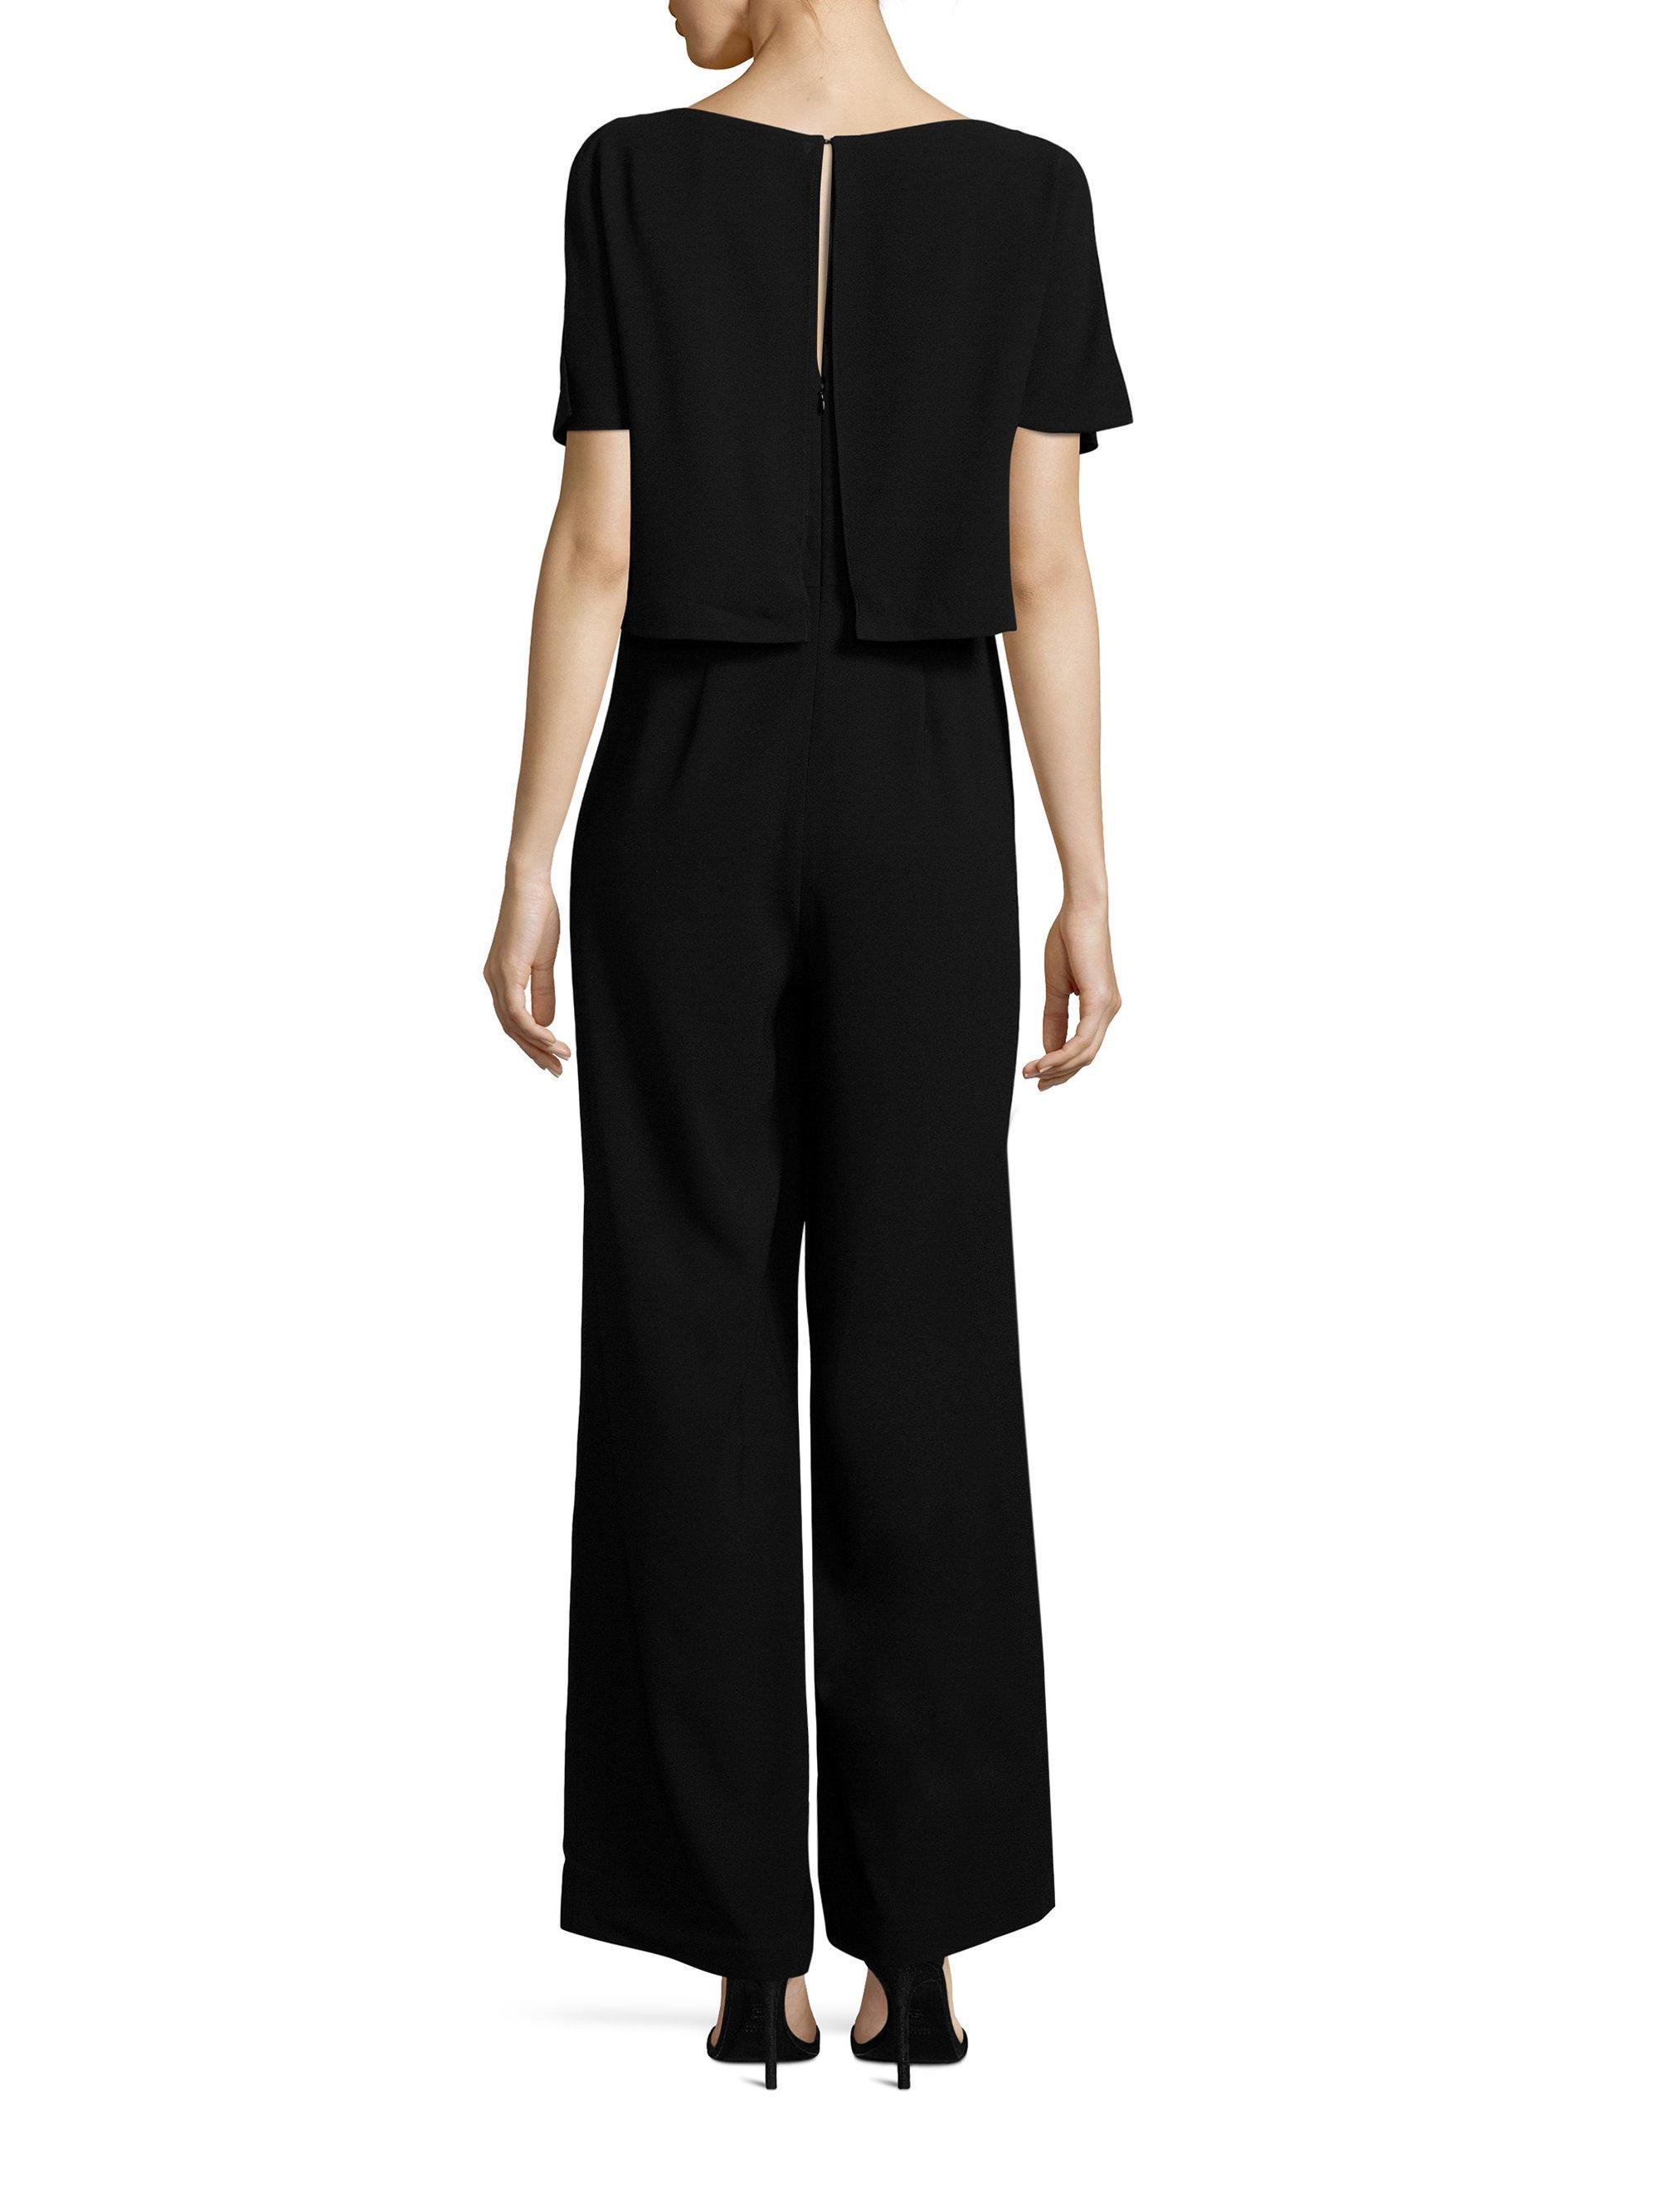 cb6b2527340 Lyst - Polo Ralph Lauren Crepe V-neck Jumpsuit in Black